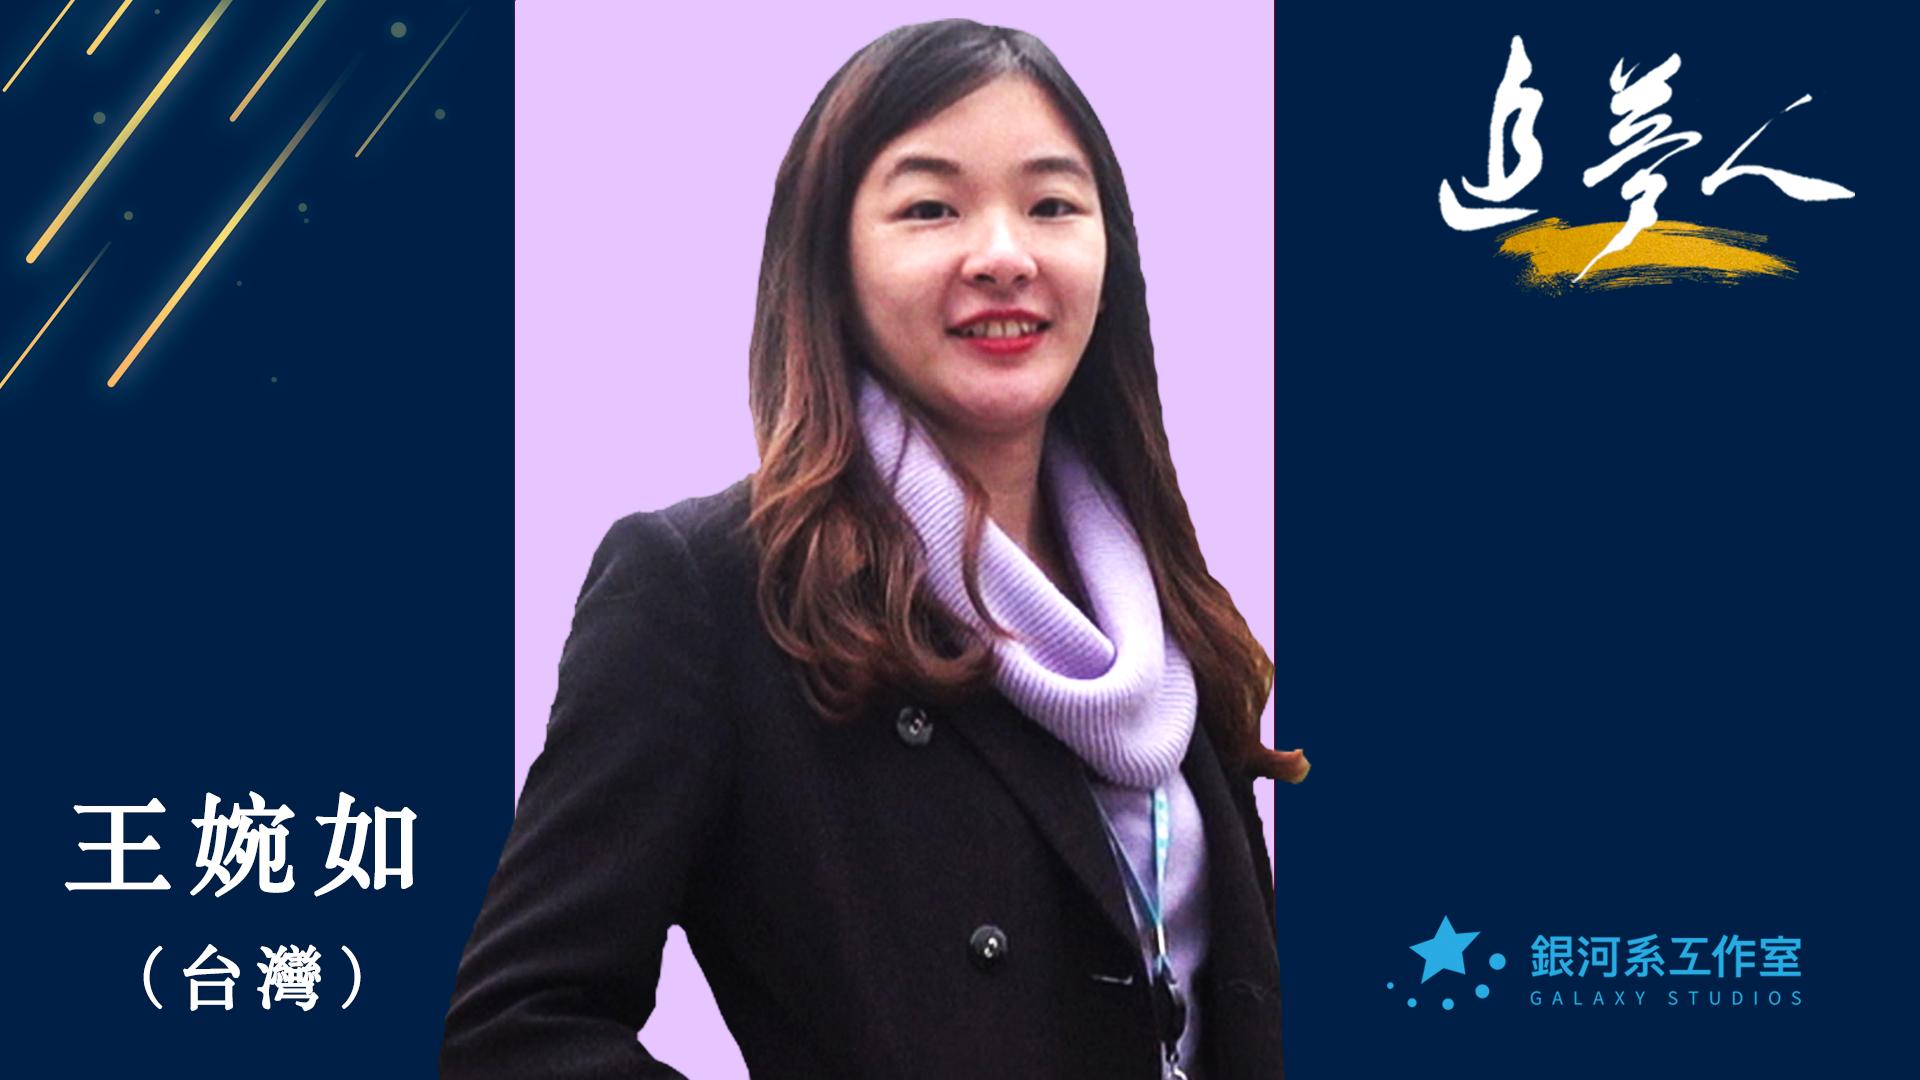 斜杠青年!曾与福原爱同台竞技的台湾女生在四川成为高校讲师!